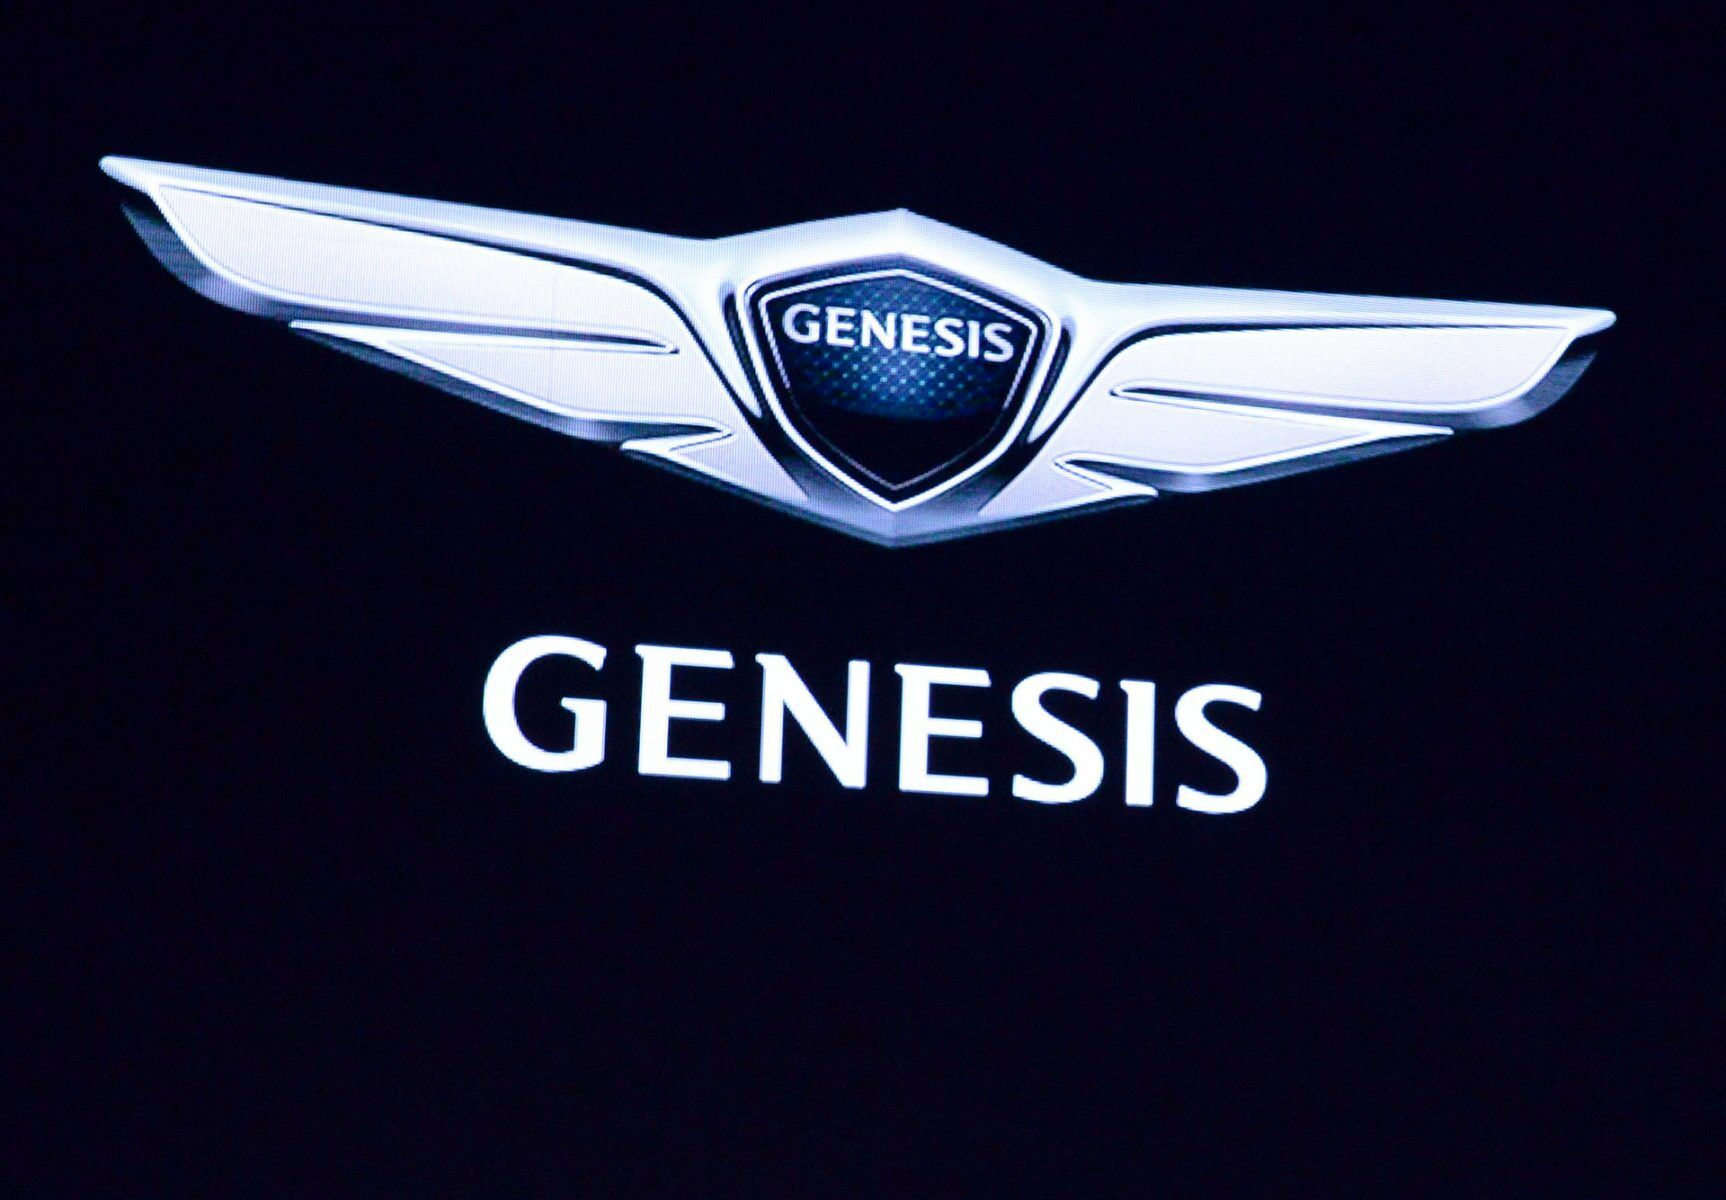 شرکت خودروسازی جنسیس